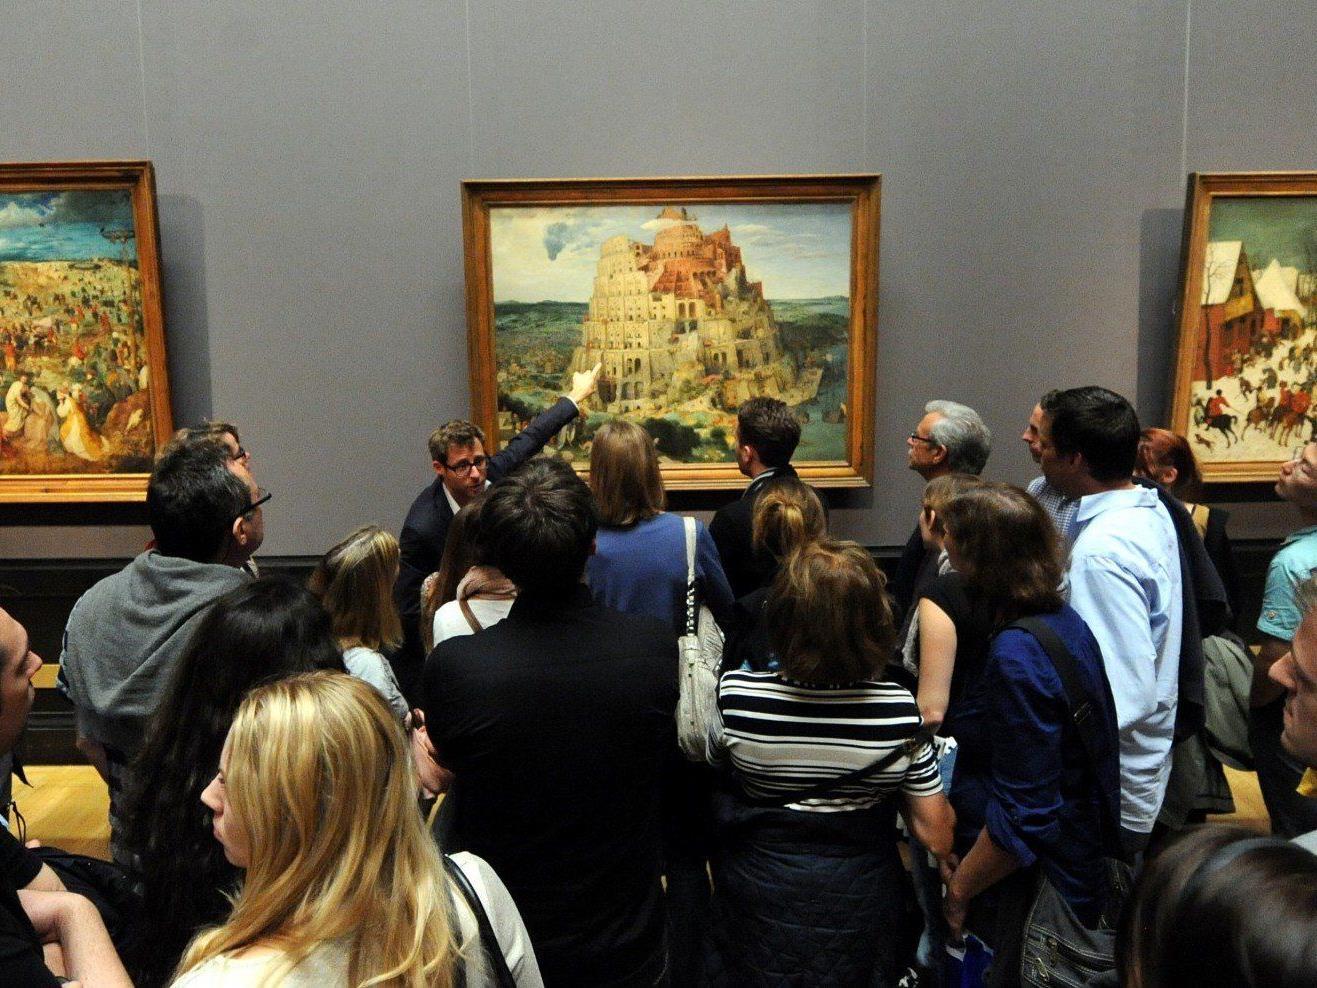 Am 5. Oktober findet die Lange Nacht der Museen in Österreich und Liechtenstein statt.